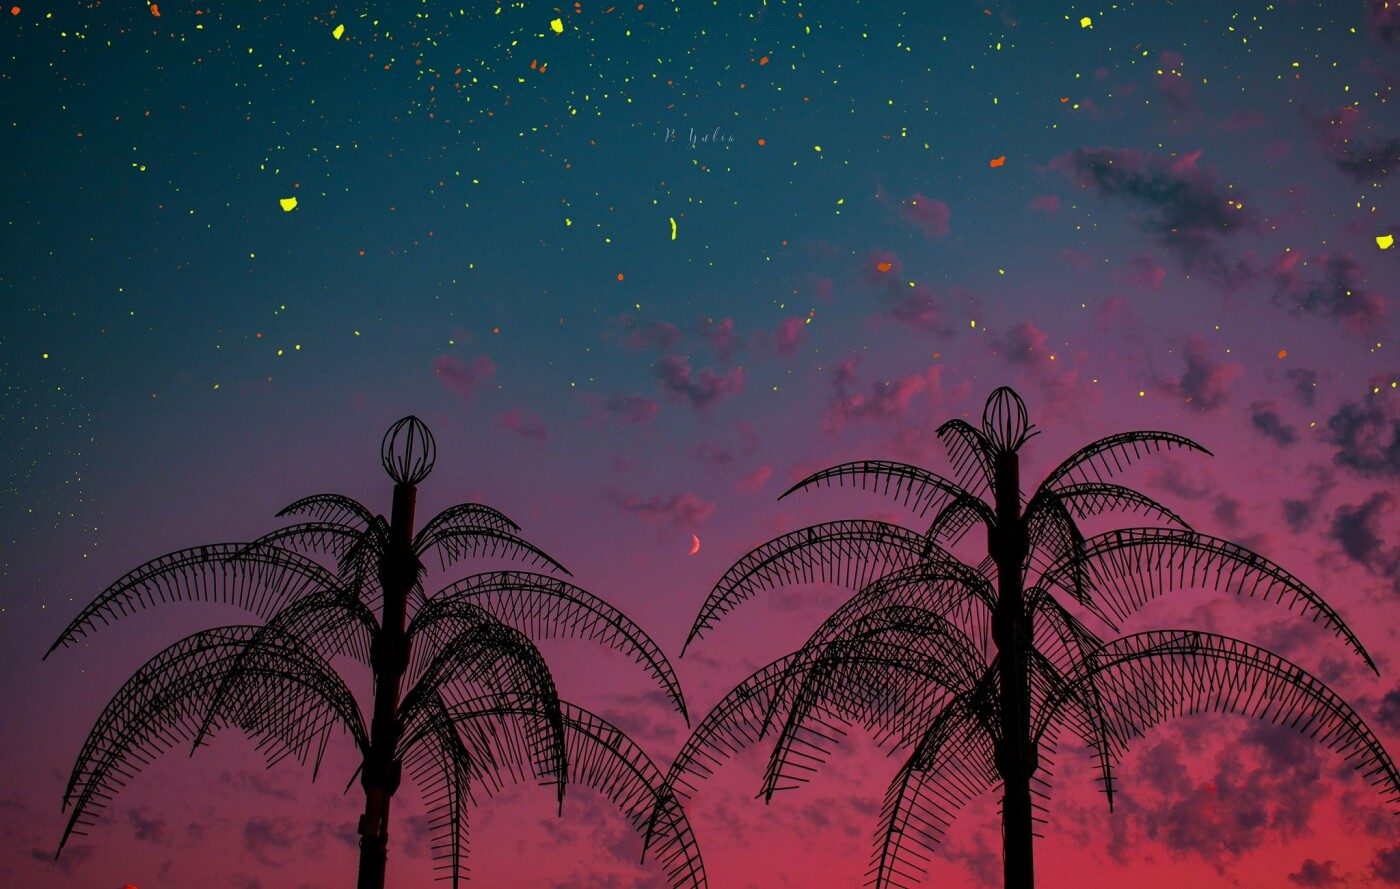 Мудрость от 06153: где красивые закаты, там лучший отдых - ВИДЕО, ФОТО, фото-1, Юлия Покас